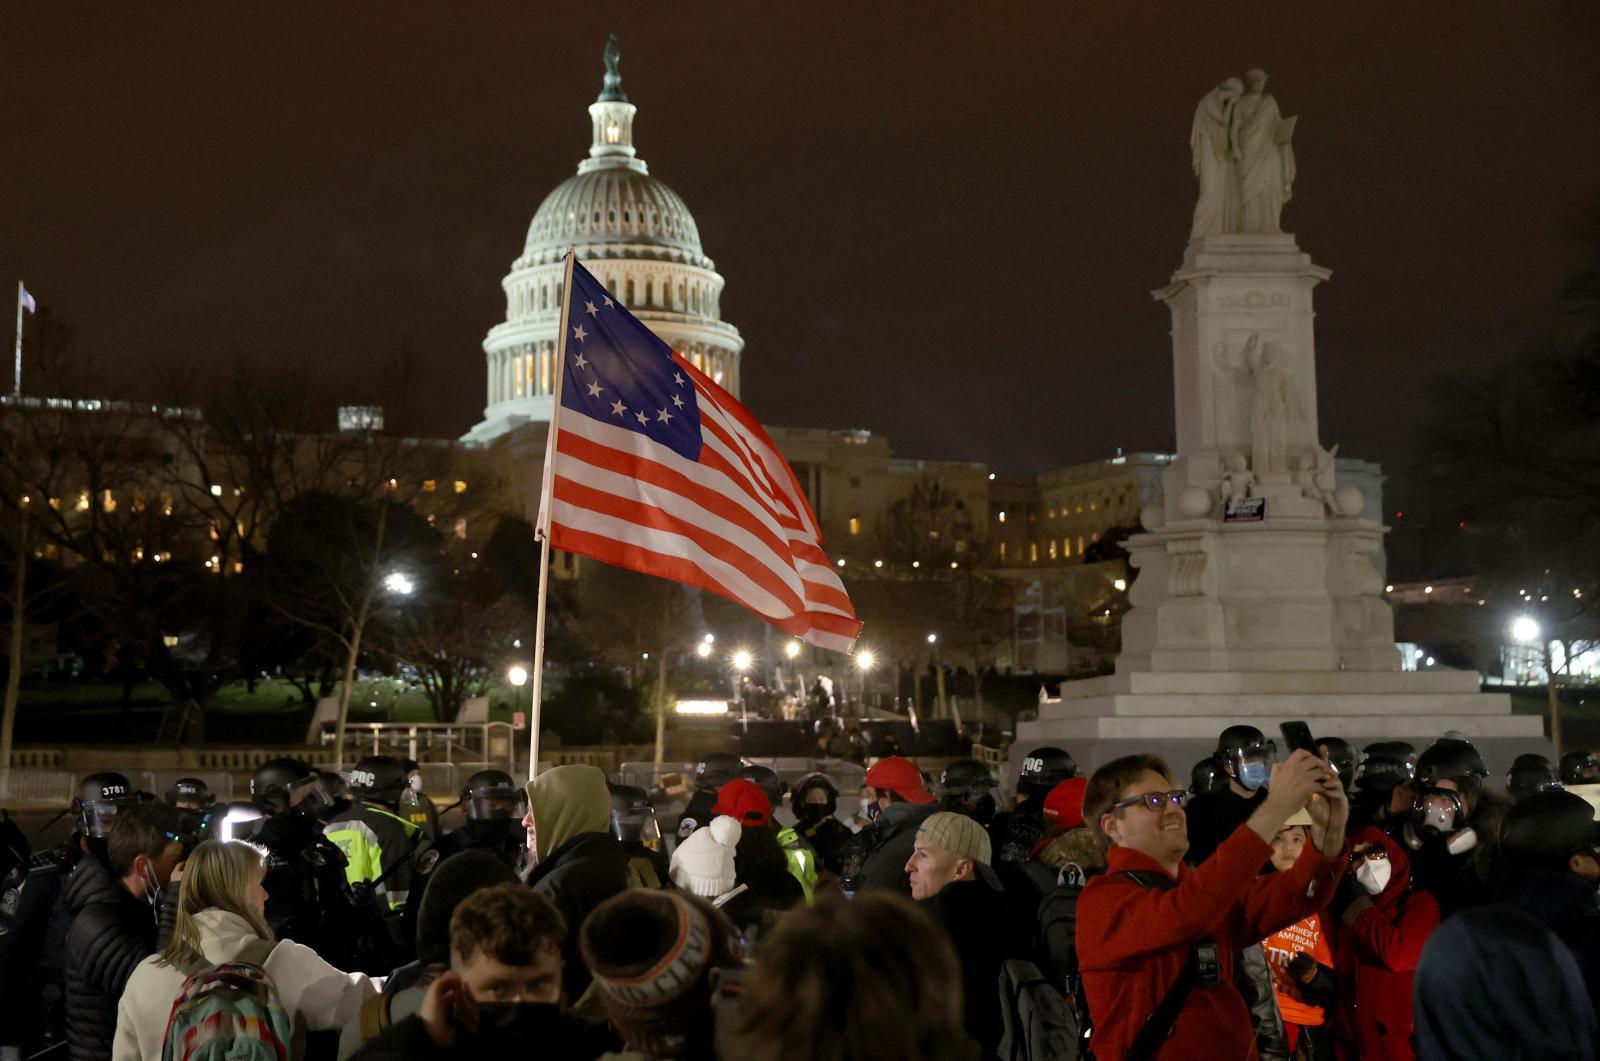 ไล่ลำดับเหตุการณ์บุกรัฐสภาสหรัฐฯ ความรุนแรงครั้งใหญ่ในดินแดนแห่งเสรีภาพ